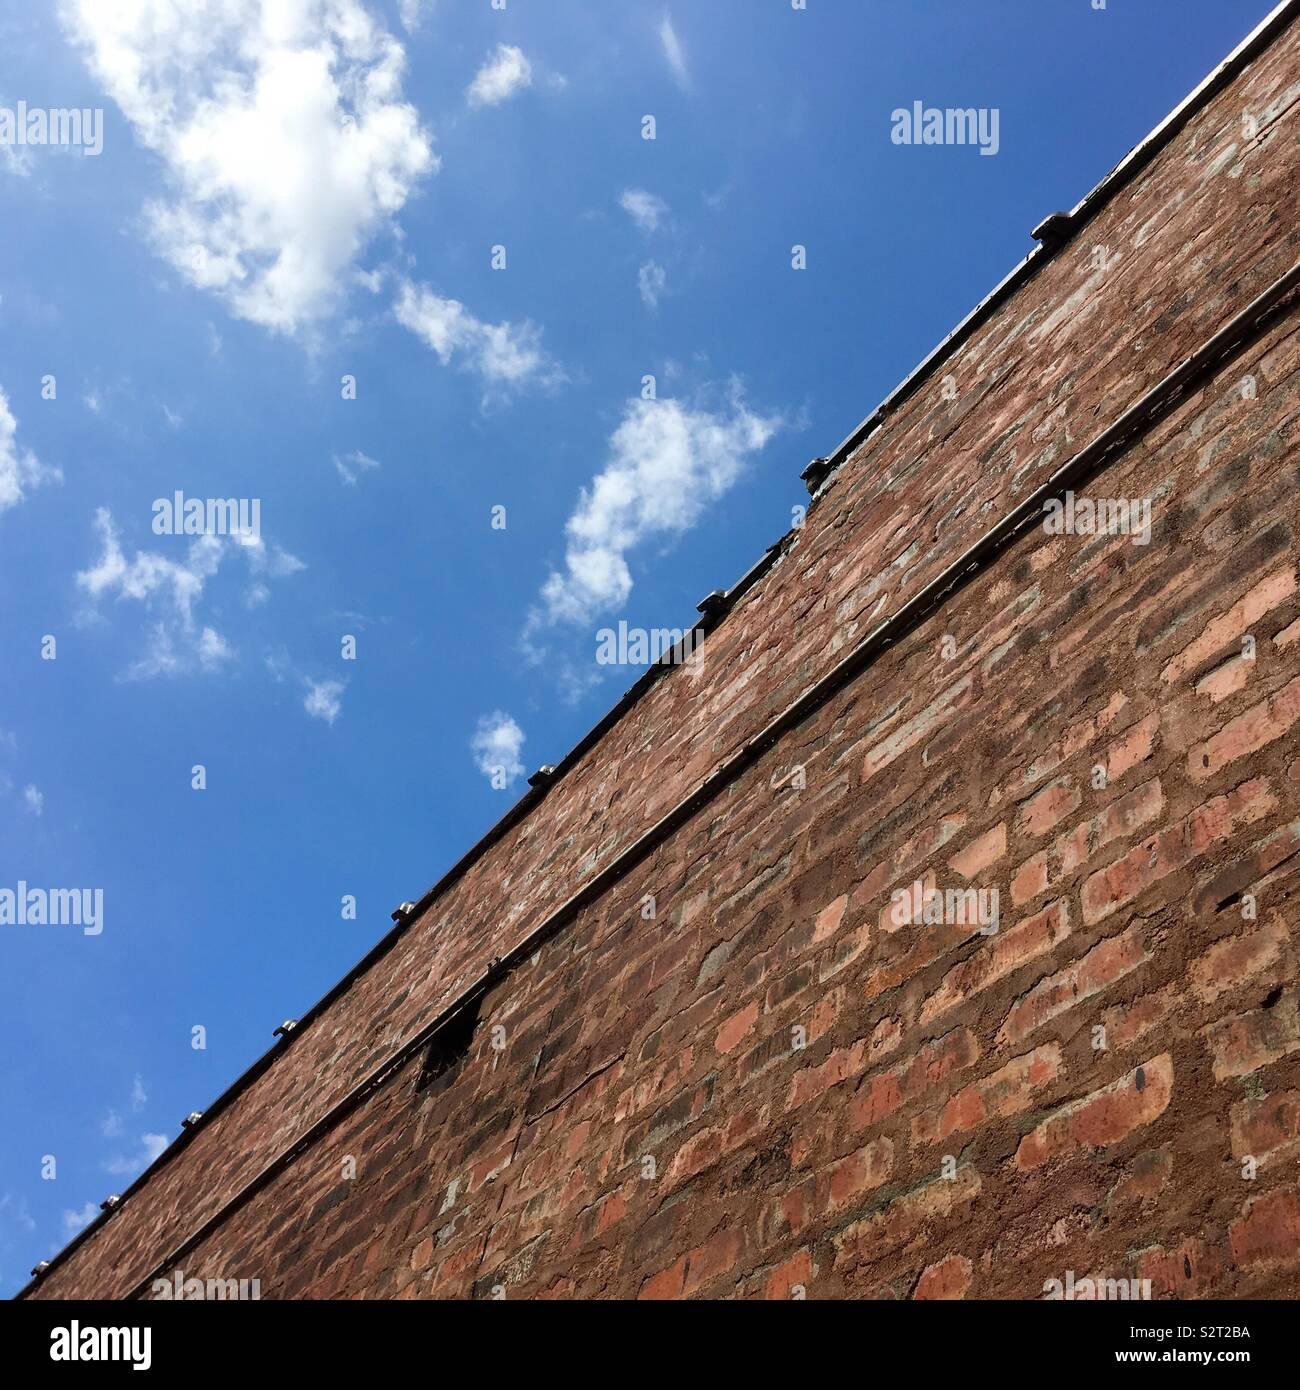 Sky & Wall Photo Stock